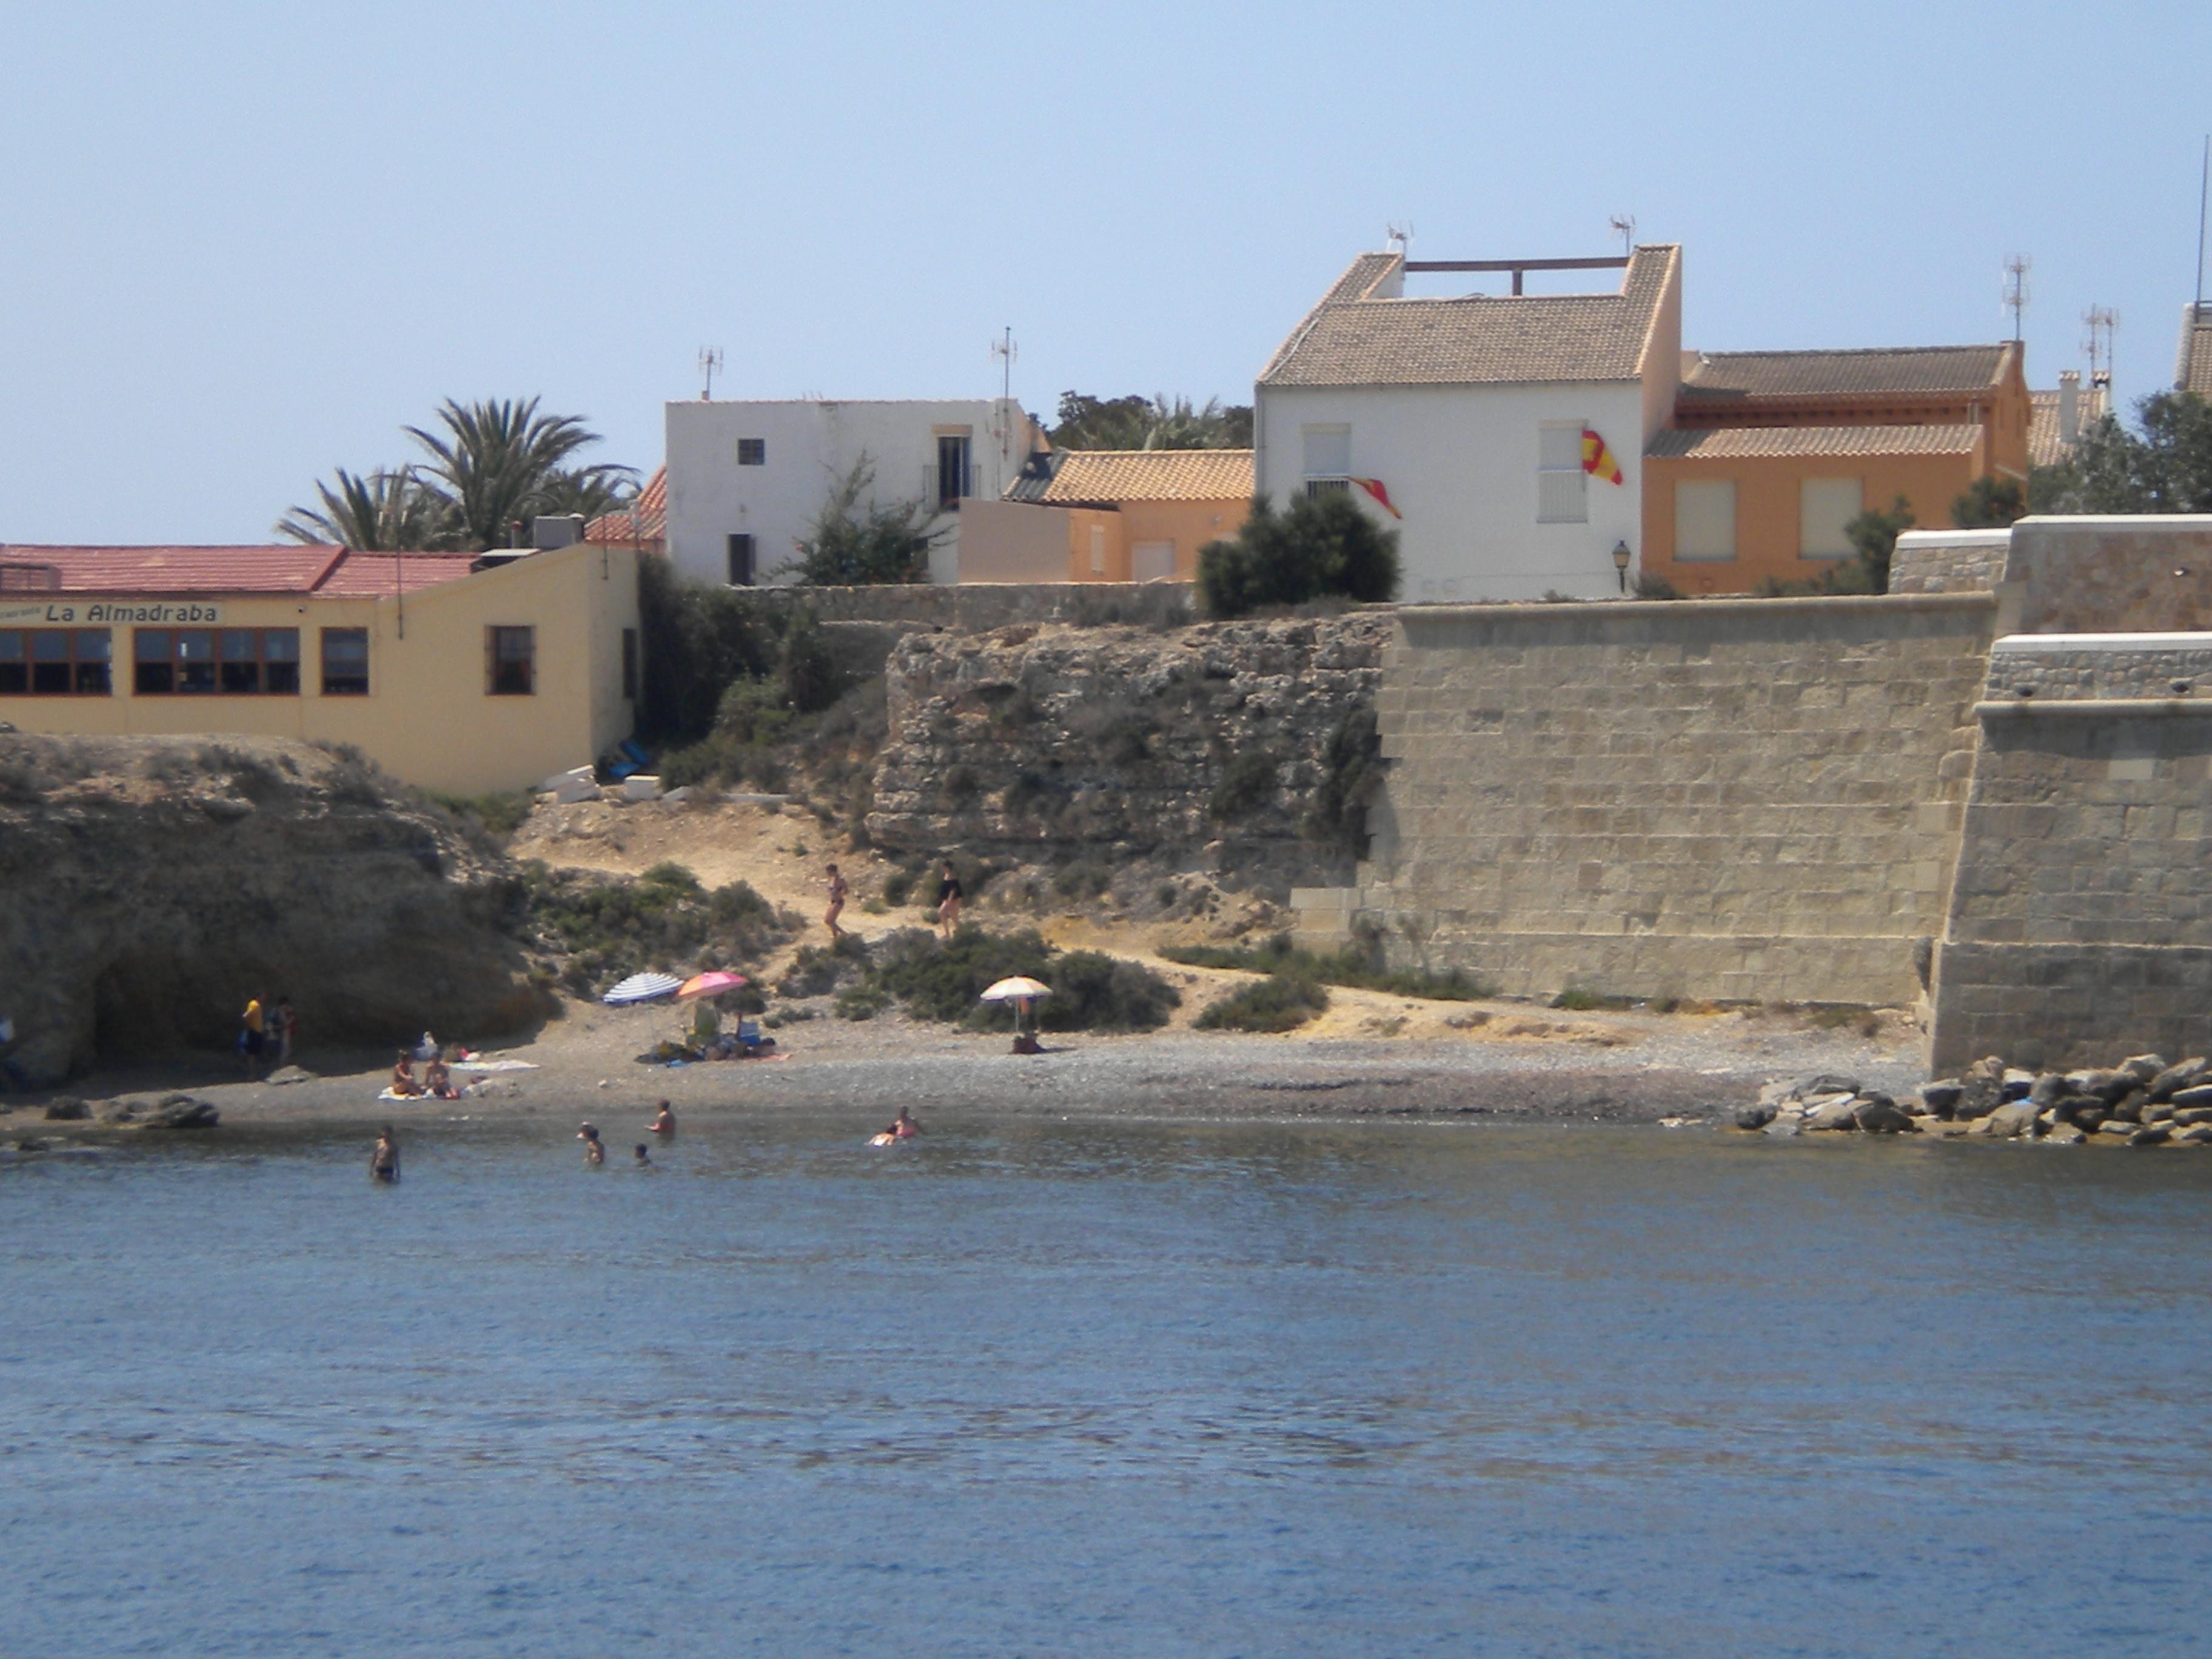 Cala junto nucleo urbano en Isla Tabarca